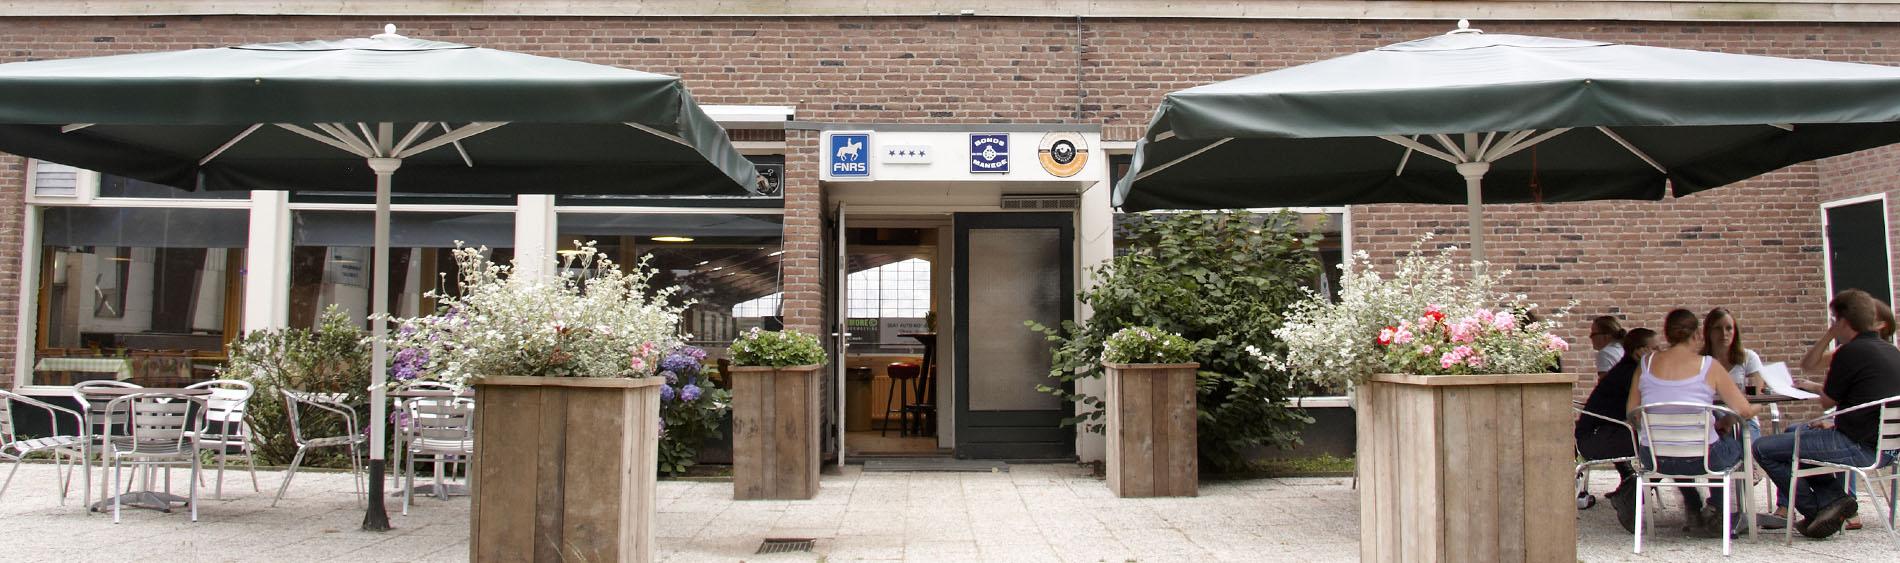 De Blokhut voordeur